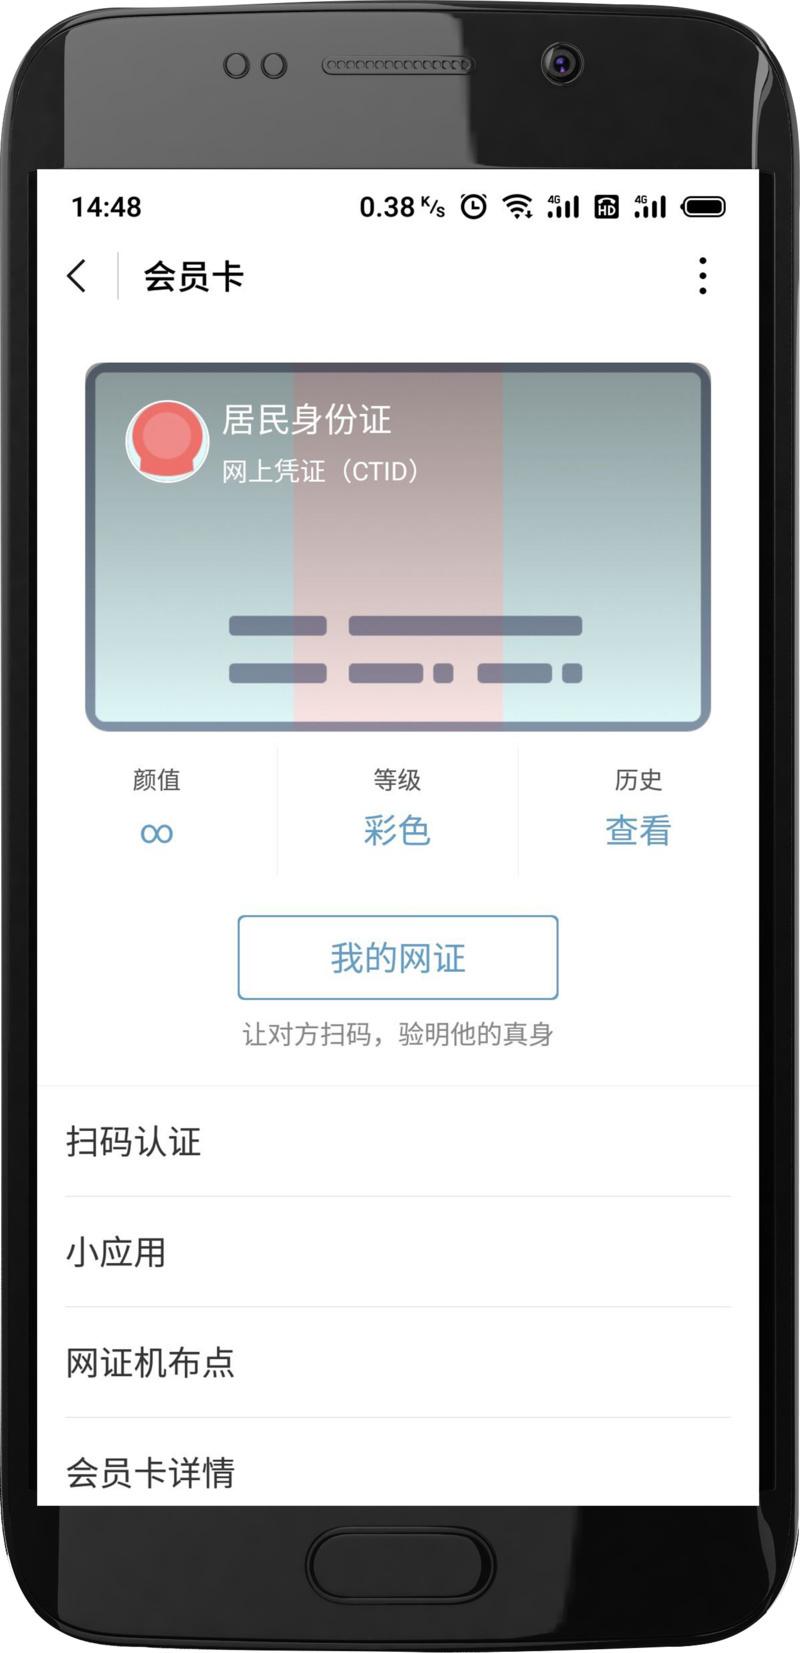 乐虎国际注册账号